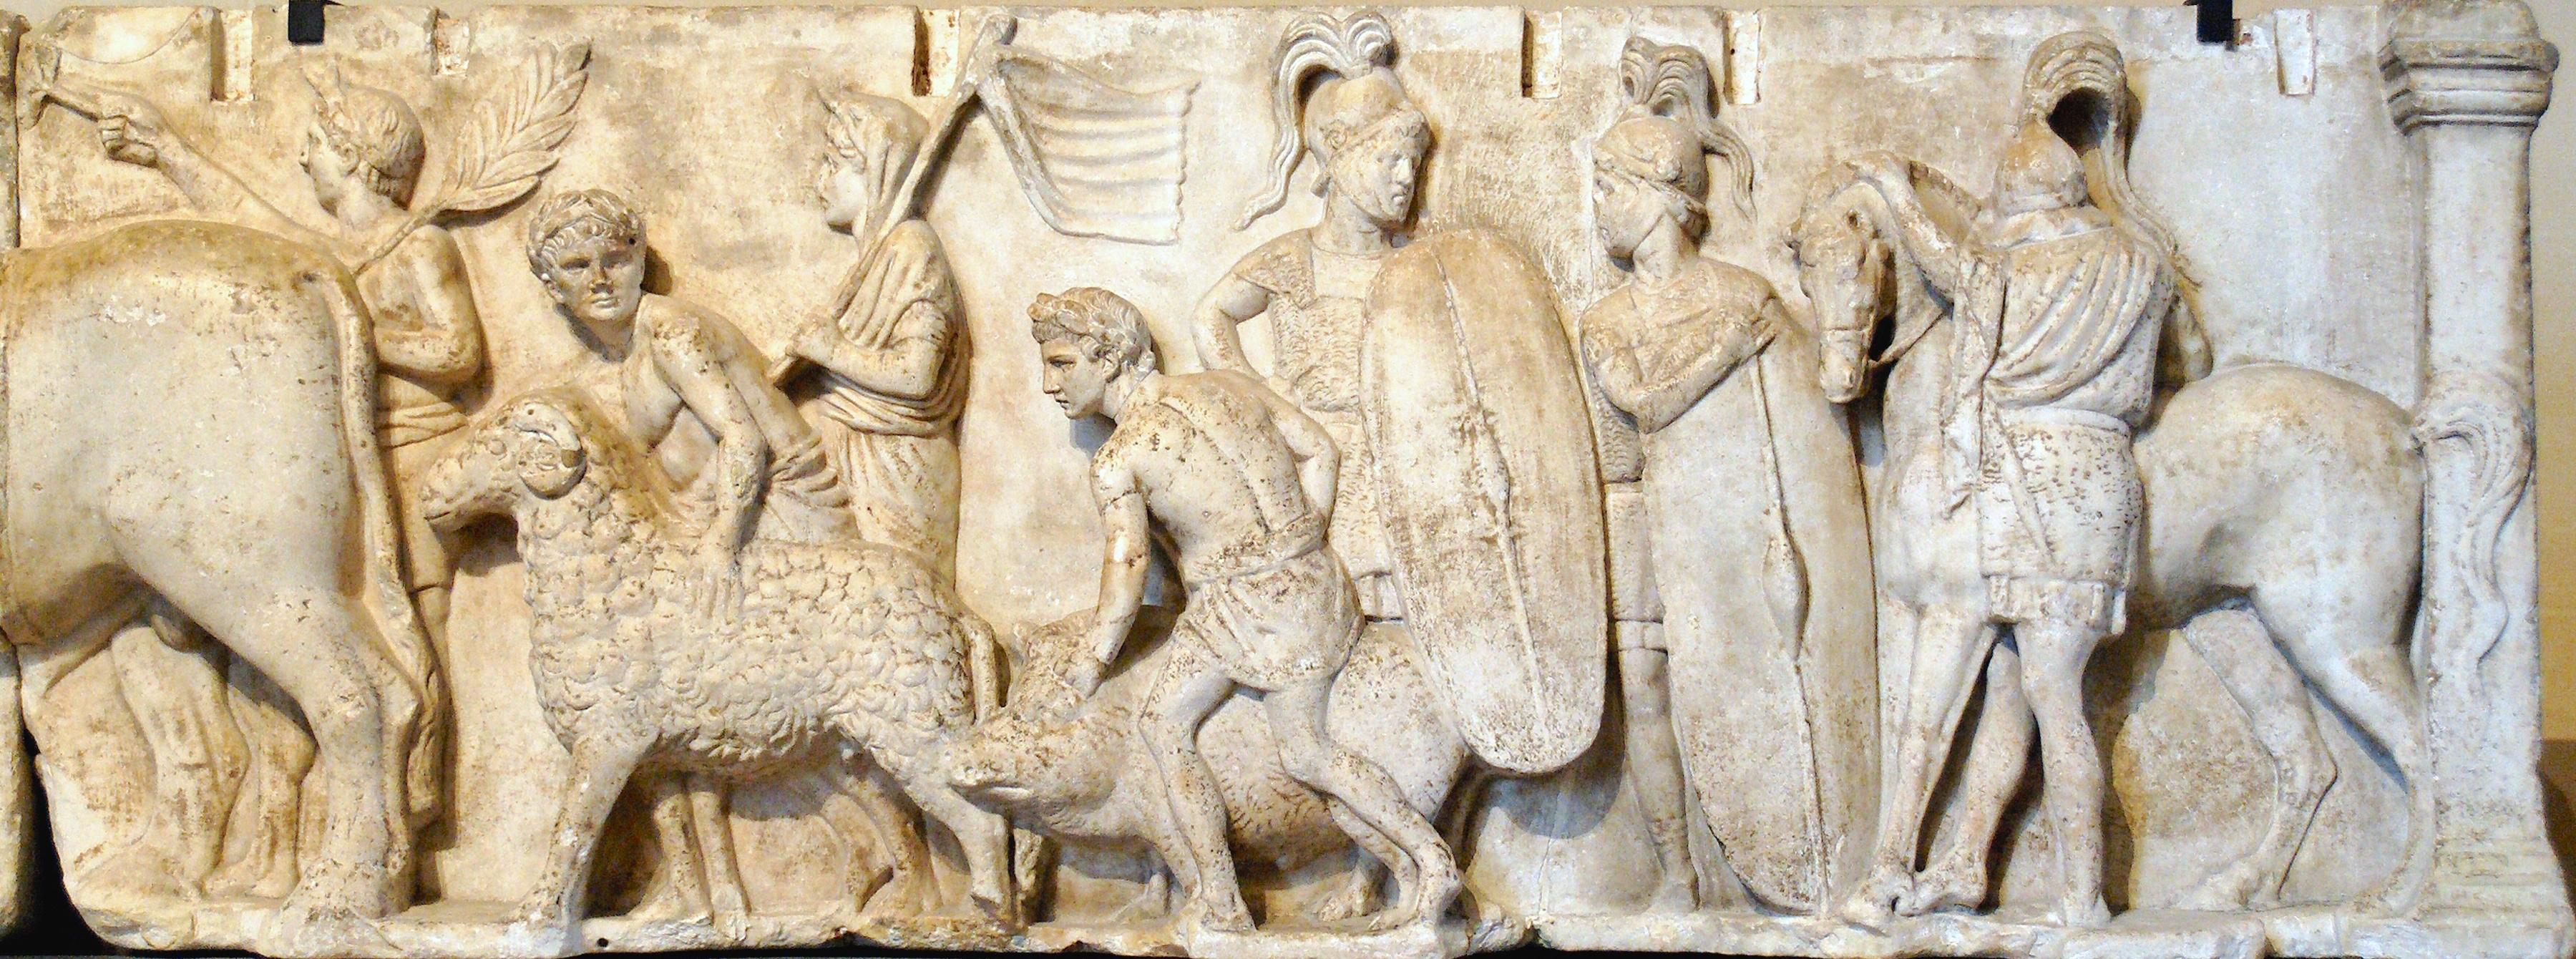 Altar_Domitius_Ahenobarbus_Louvre_n3.jpg